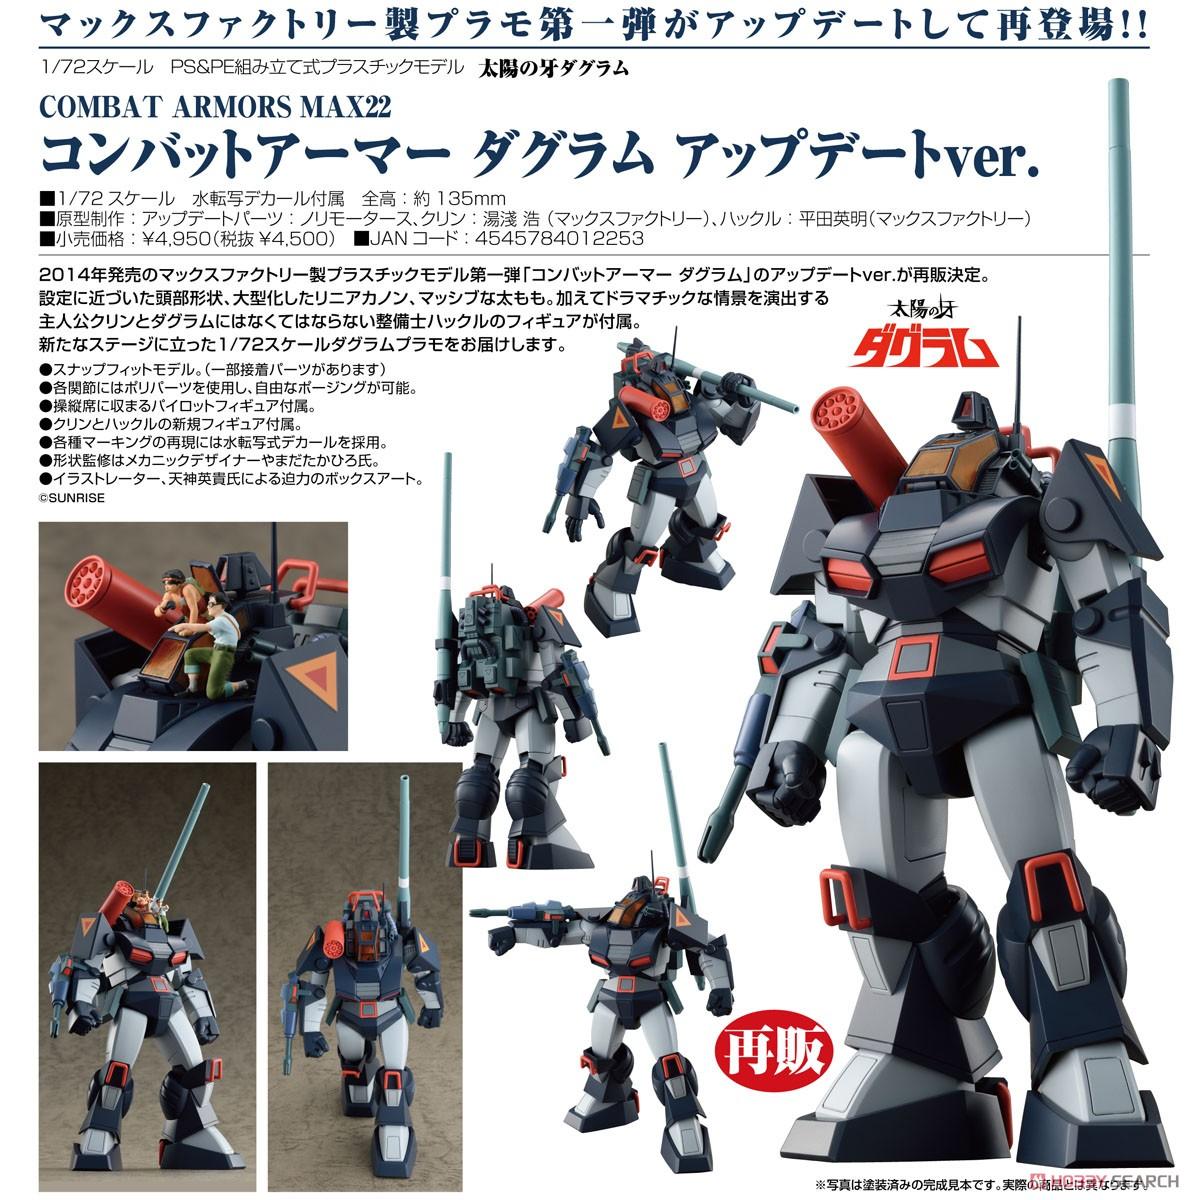 【再販】COMBAT ARMORS MAX22『コンバットアーマー ダグラム アップデートver.』1/72 プラモデル-008